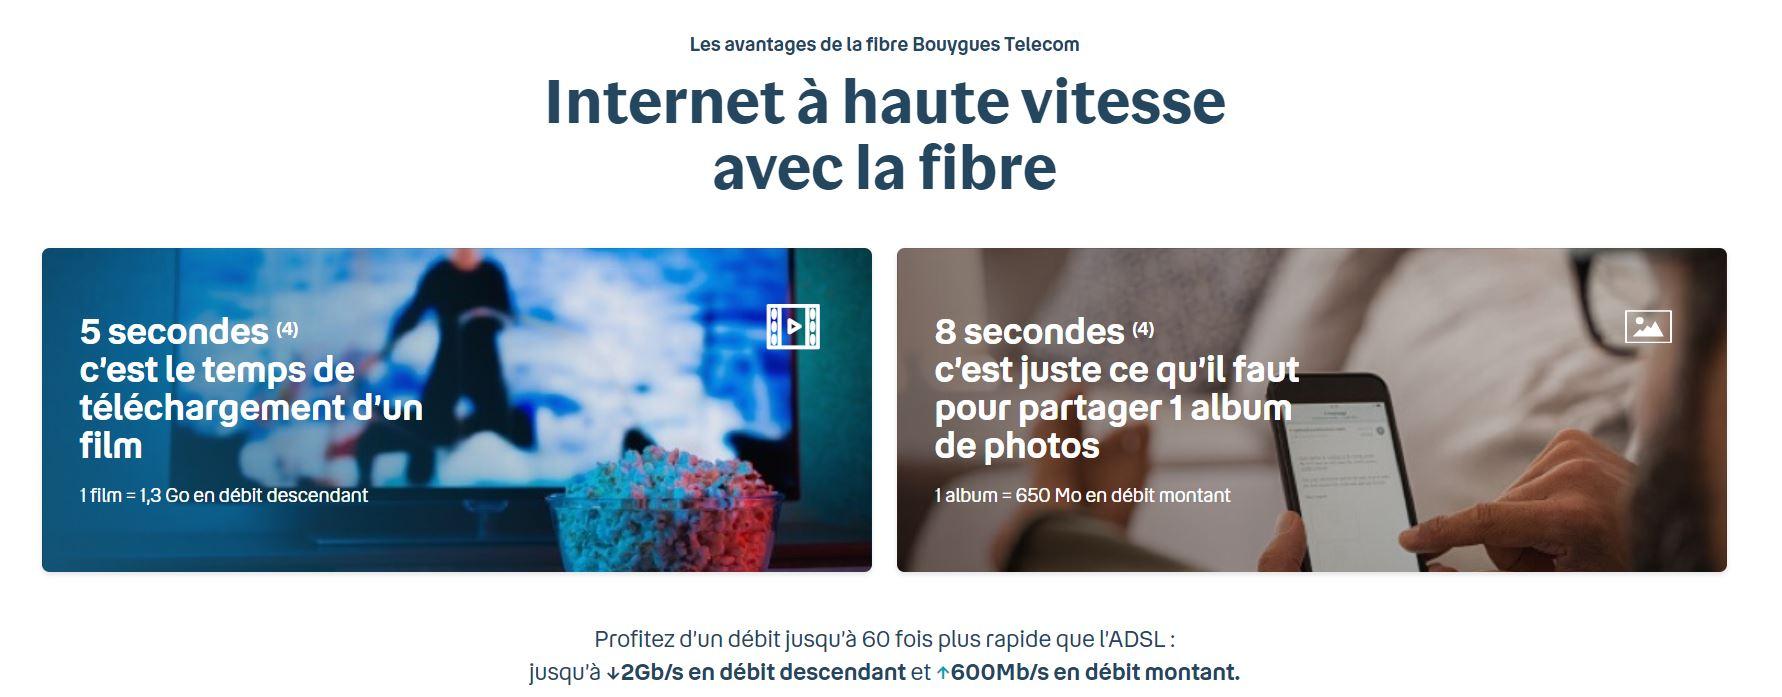 Les avantages de la fibre Bouygues Telecom